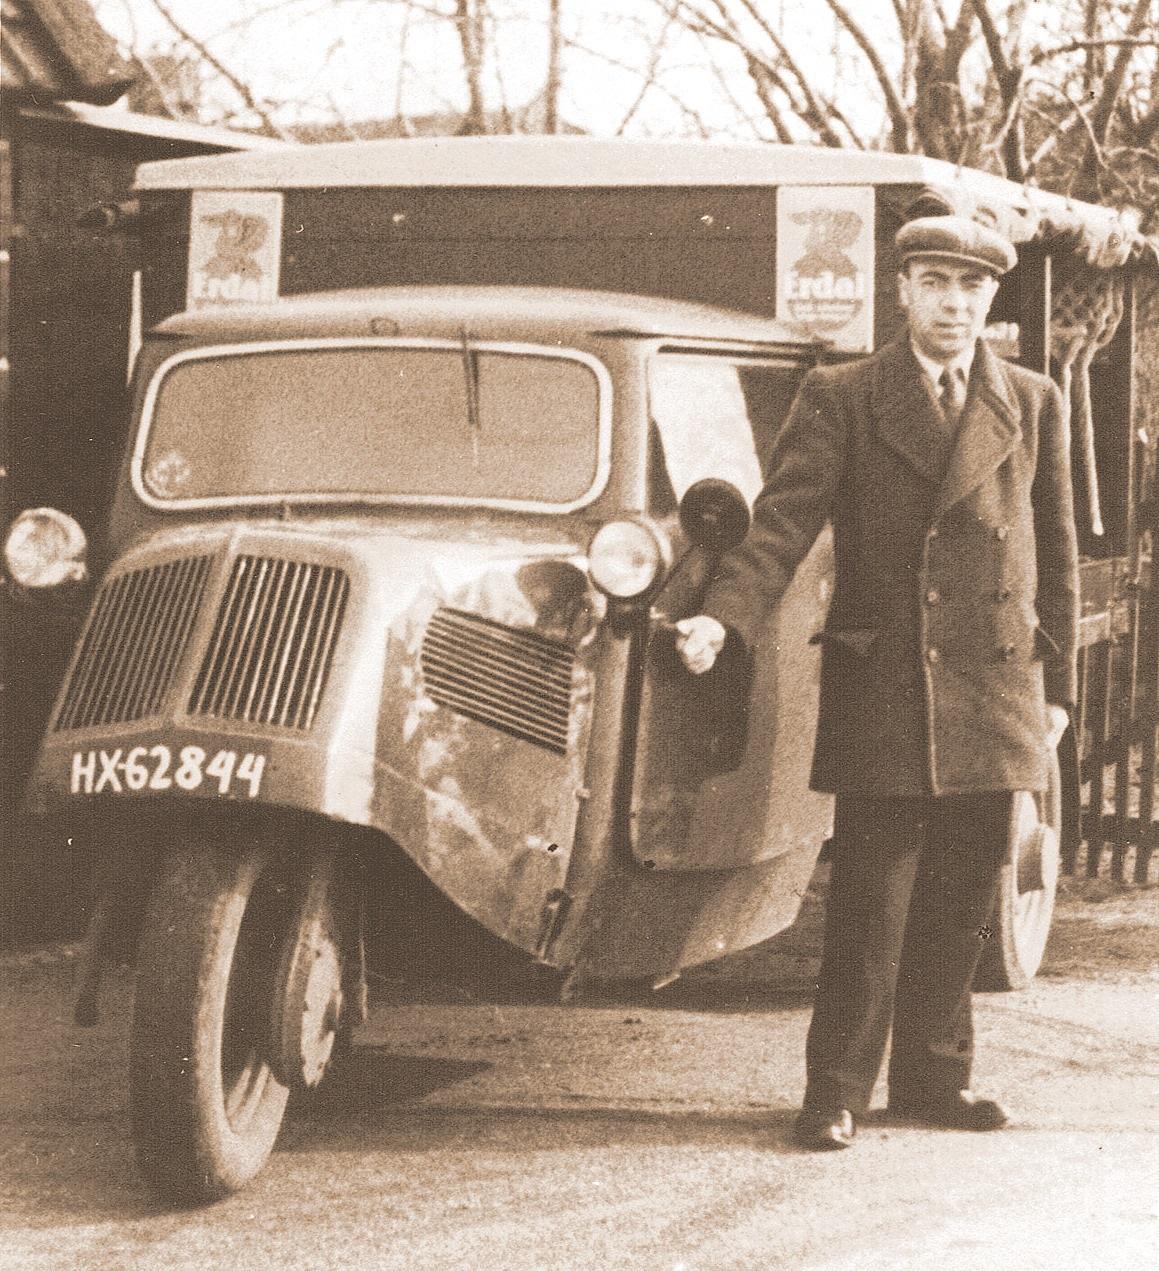 Nico-Cats-uit-Hei‐-en-Boeicop-had-begin-jaren-50-in-deze-Tempo‐driewieler-zijn-rijdende-winkel-in-huishoudelijke-artikelen